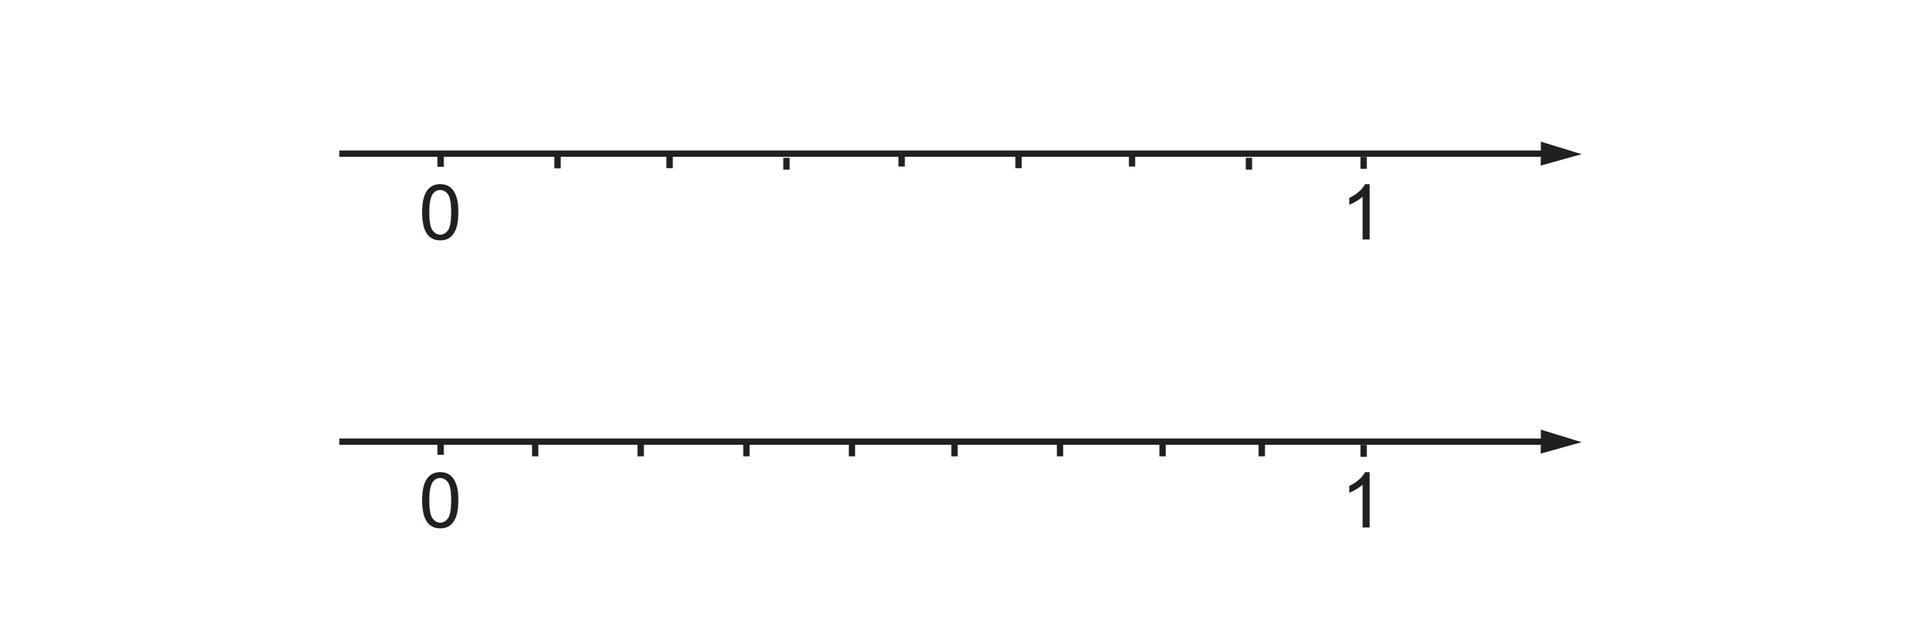 Rysunek dwóch osi liczbowych zzaznaczonymi punktami 0 i1. Na pierwszej osi odcinek jednostkowy podzielony na osiem równych części. Na drugiej osi odcinek jednostkowy podzielony na dziewięć równych części.